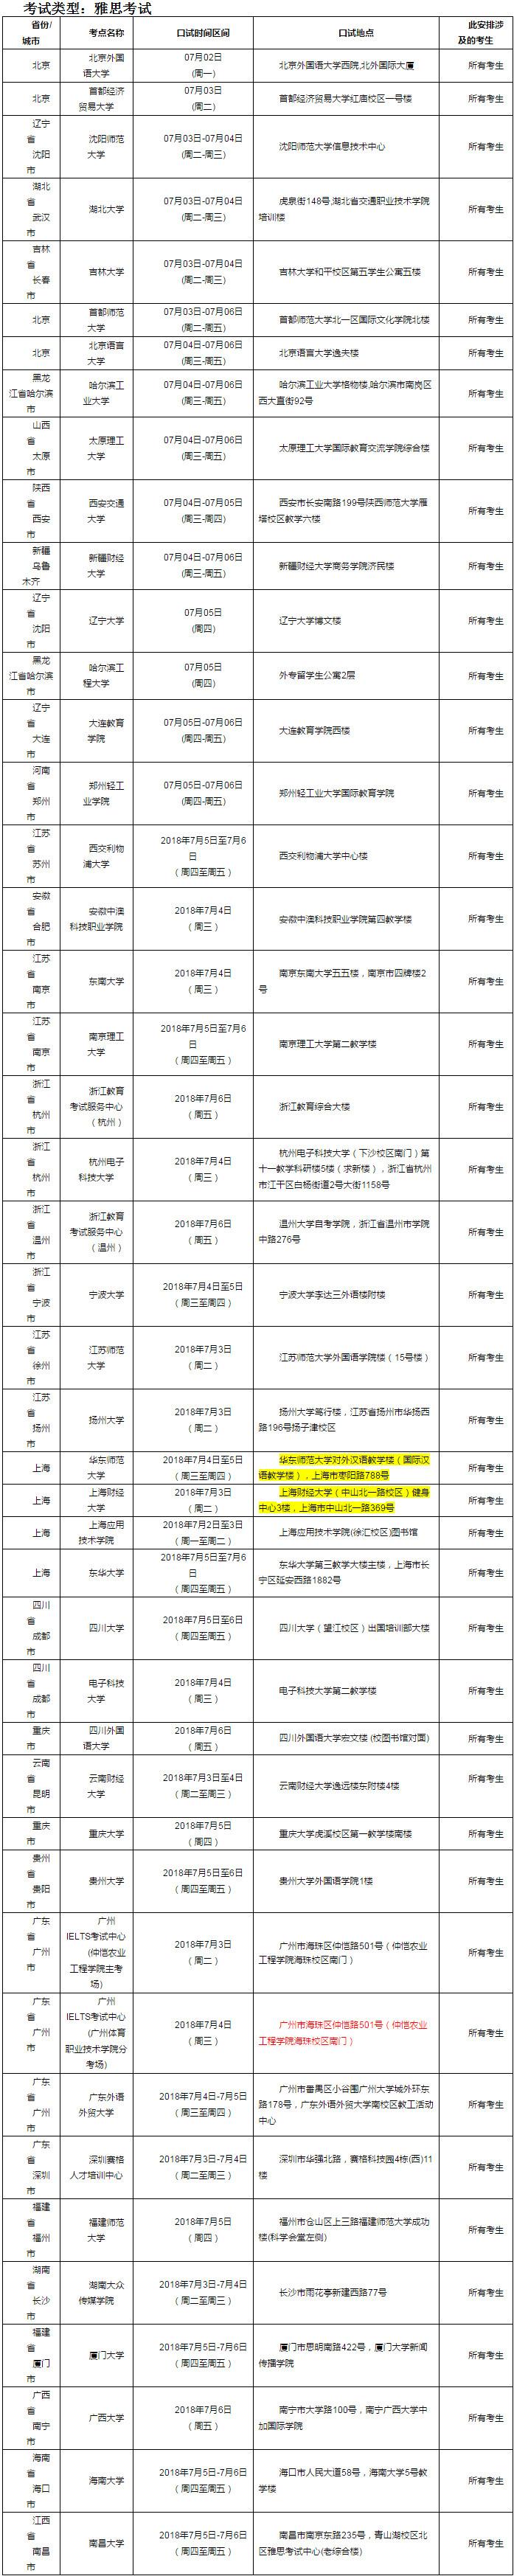 2018年7月7日雅思口语考试安排